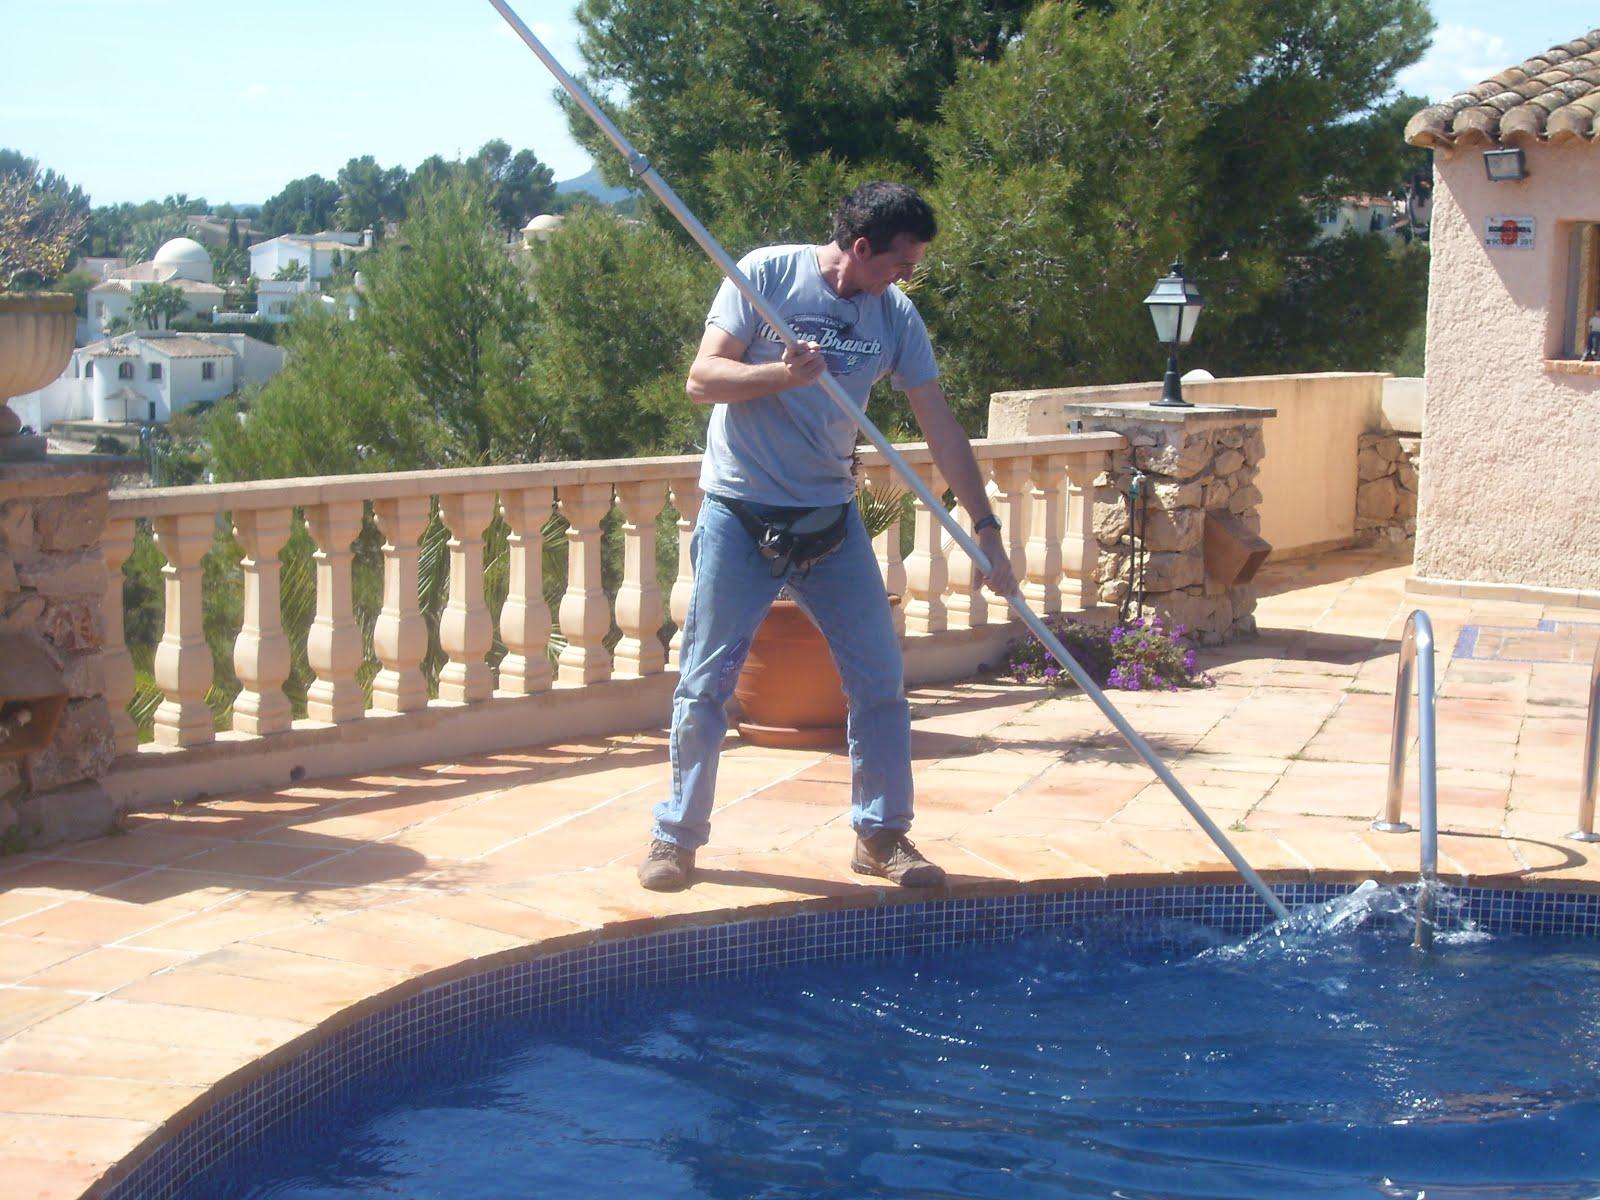 T cnico en mantenimiento de piscinas ofertas y precios en for Piscinas de sal mantenimiento